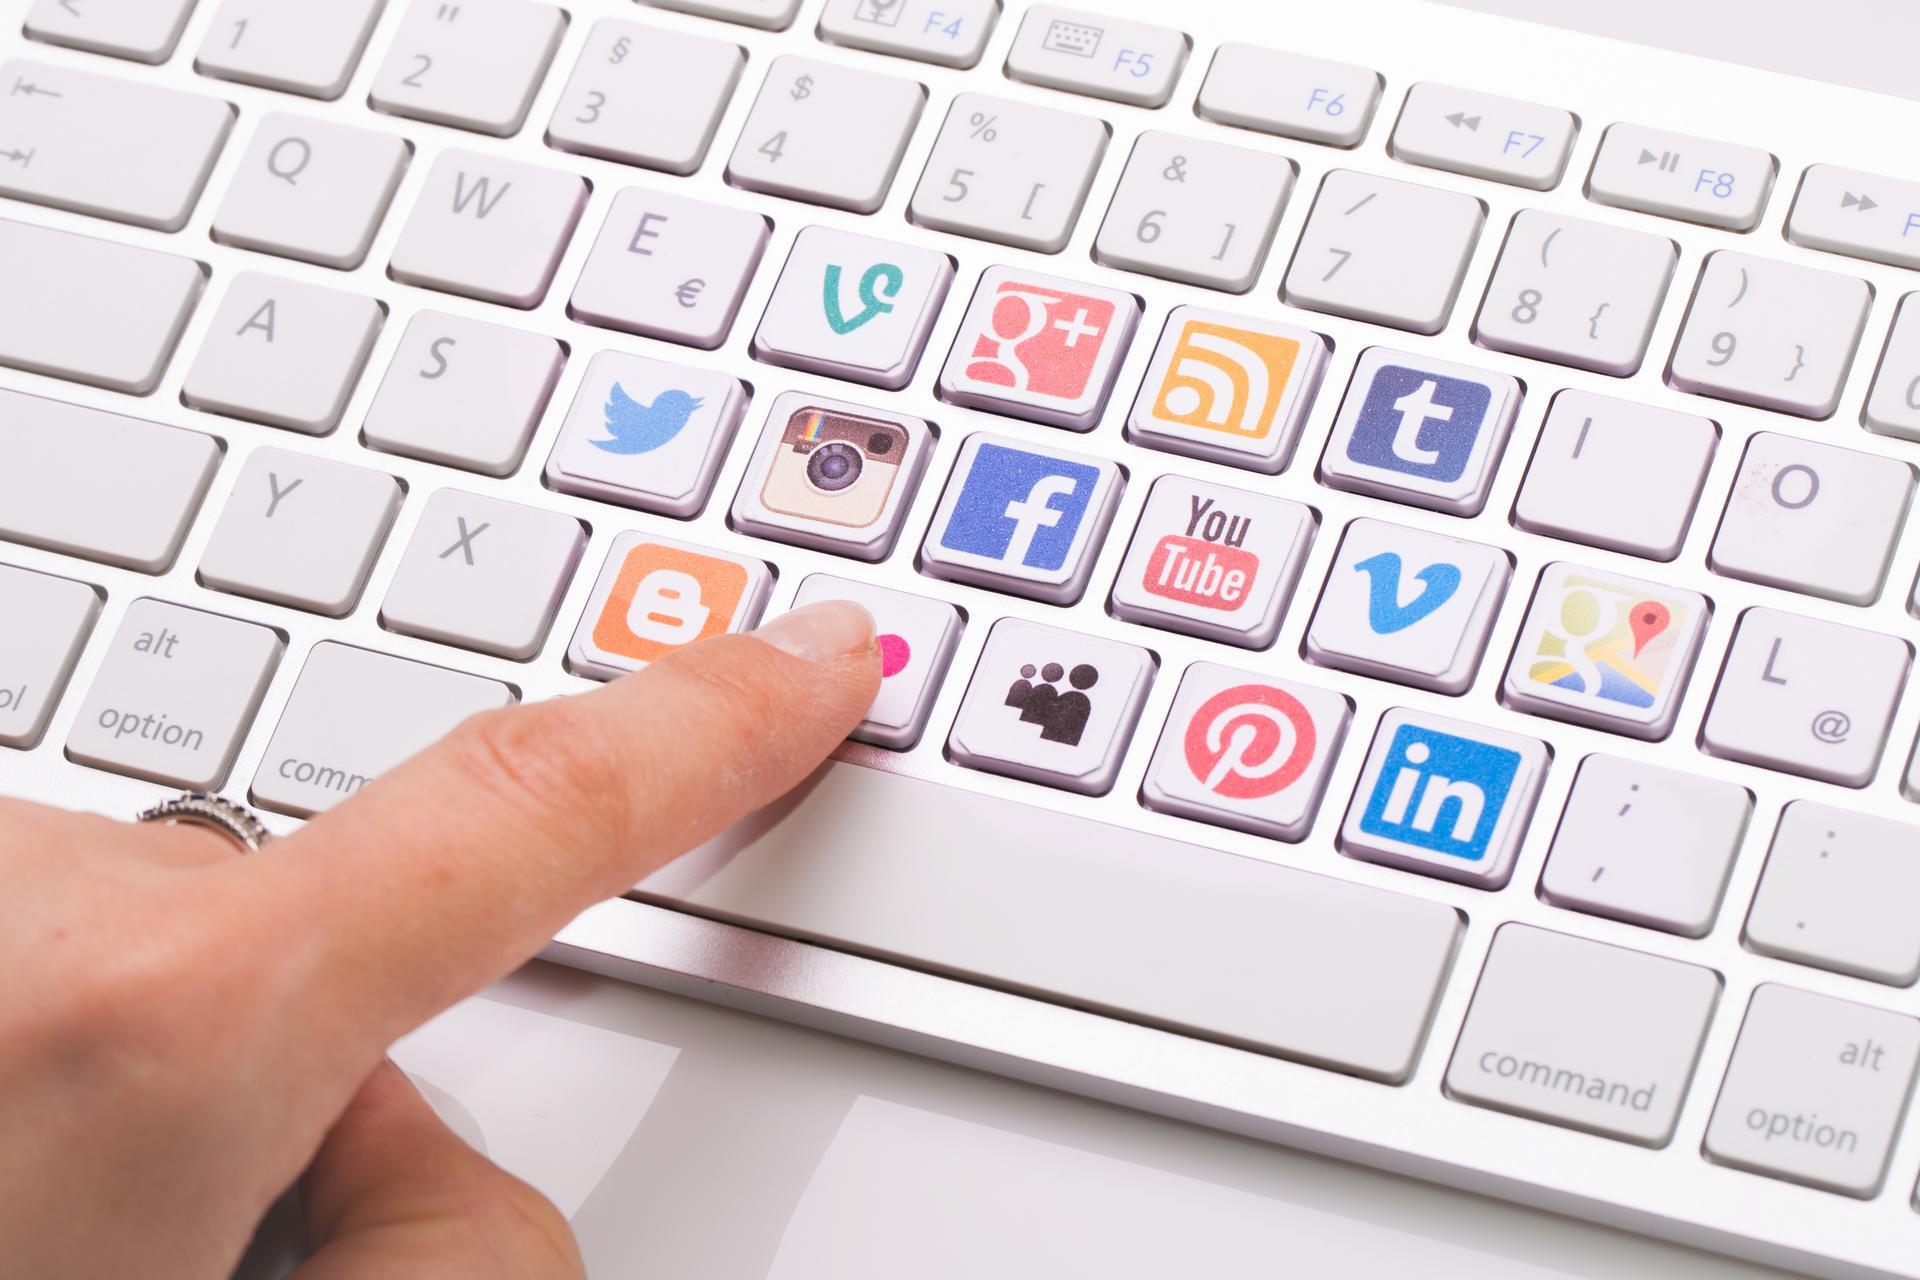 【未來的職場系列】新世代人才:妥善經營社群平台,讓你的臉書動態成為原生履歷